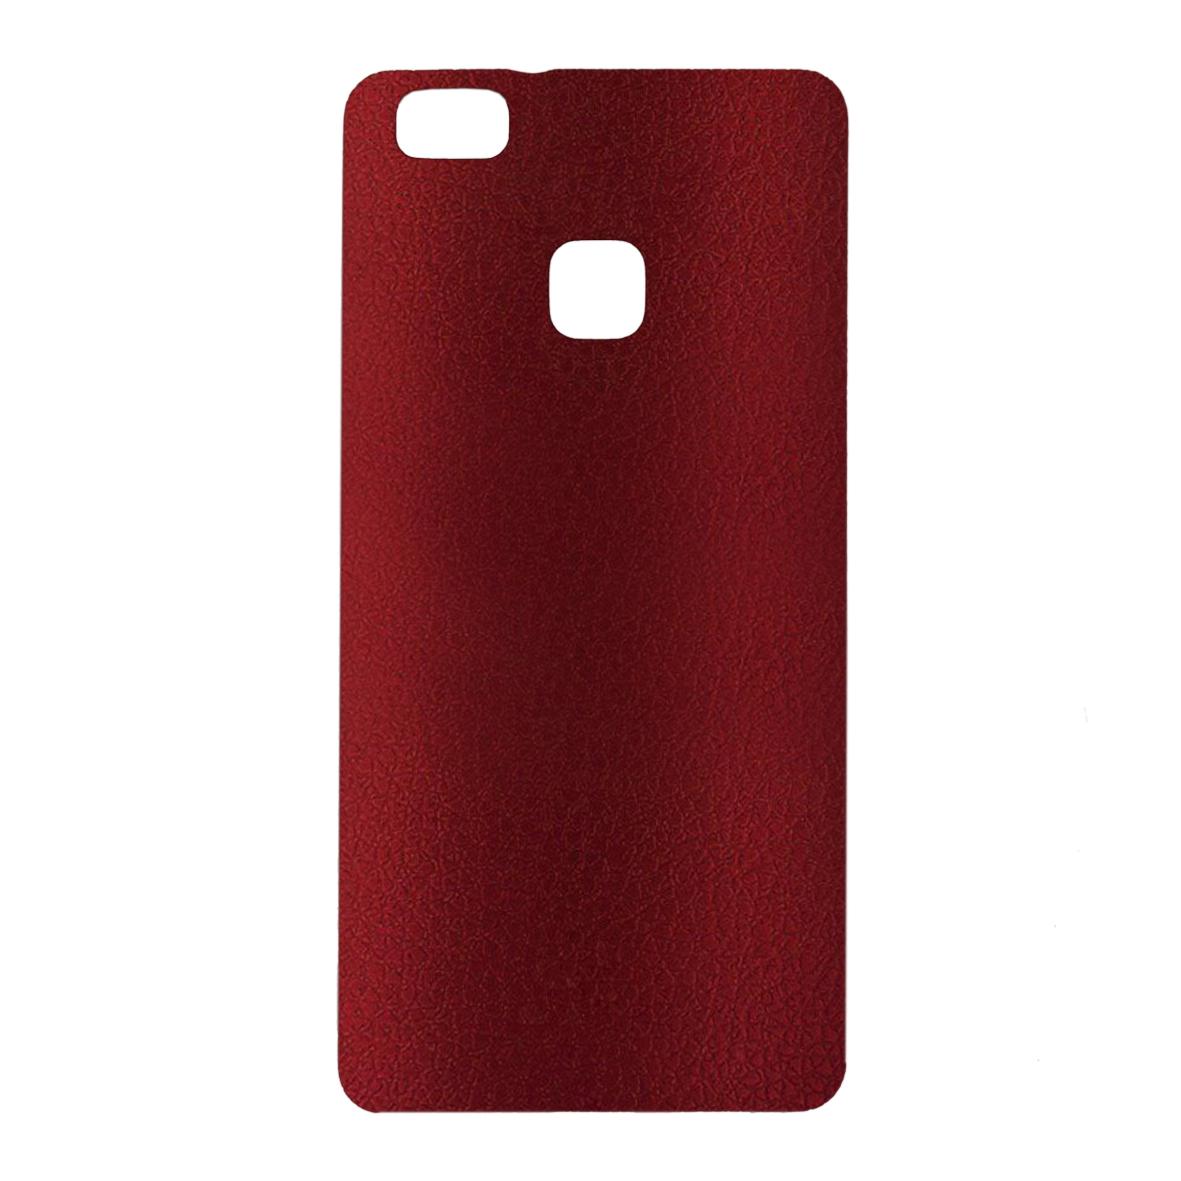 کاور مدل LTH مناسب برای گوشی موبایل هوآوی P9 LITE